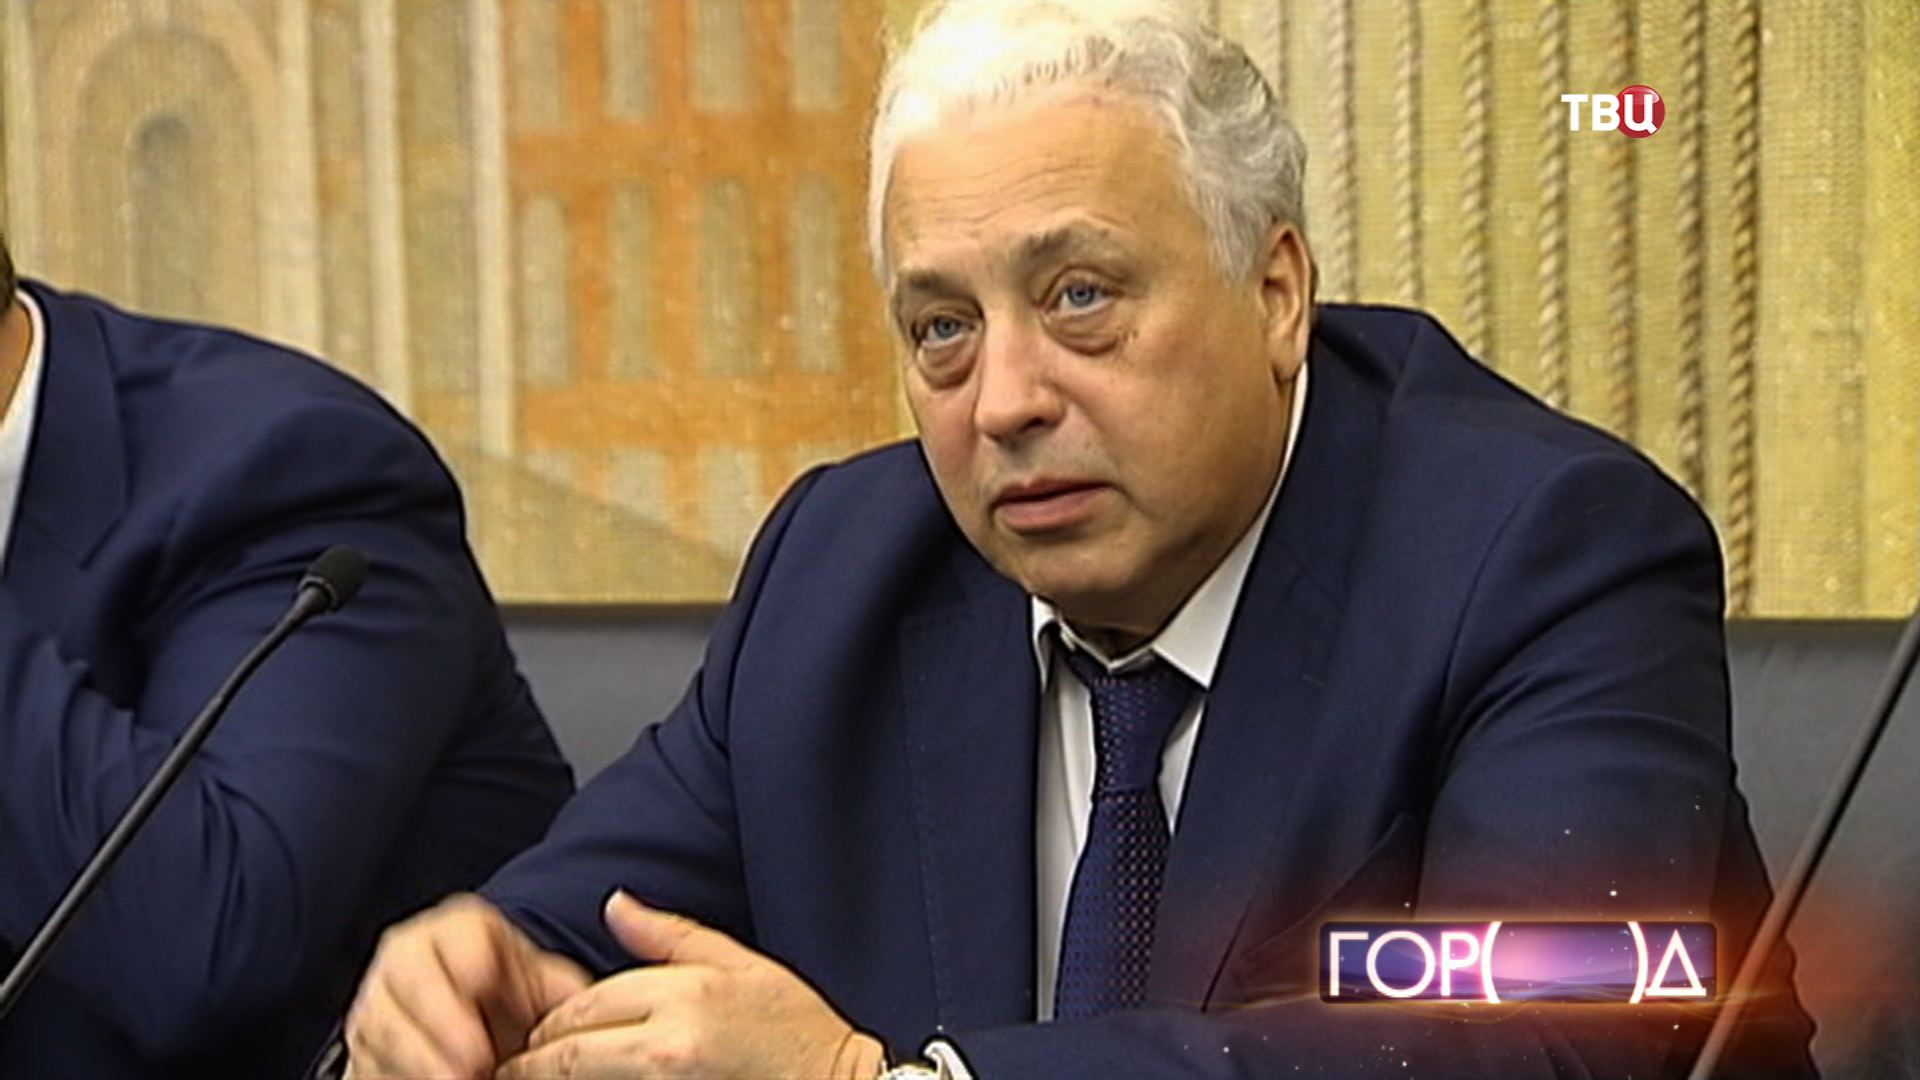 Заместитель мэр Москвы по вопросам социального развития Леонид Печатников